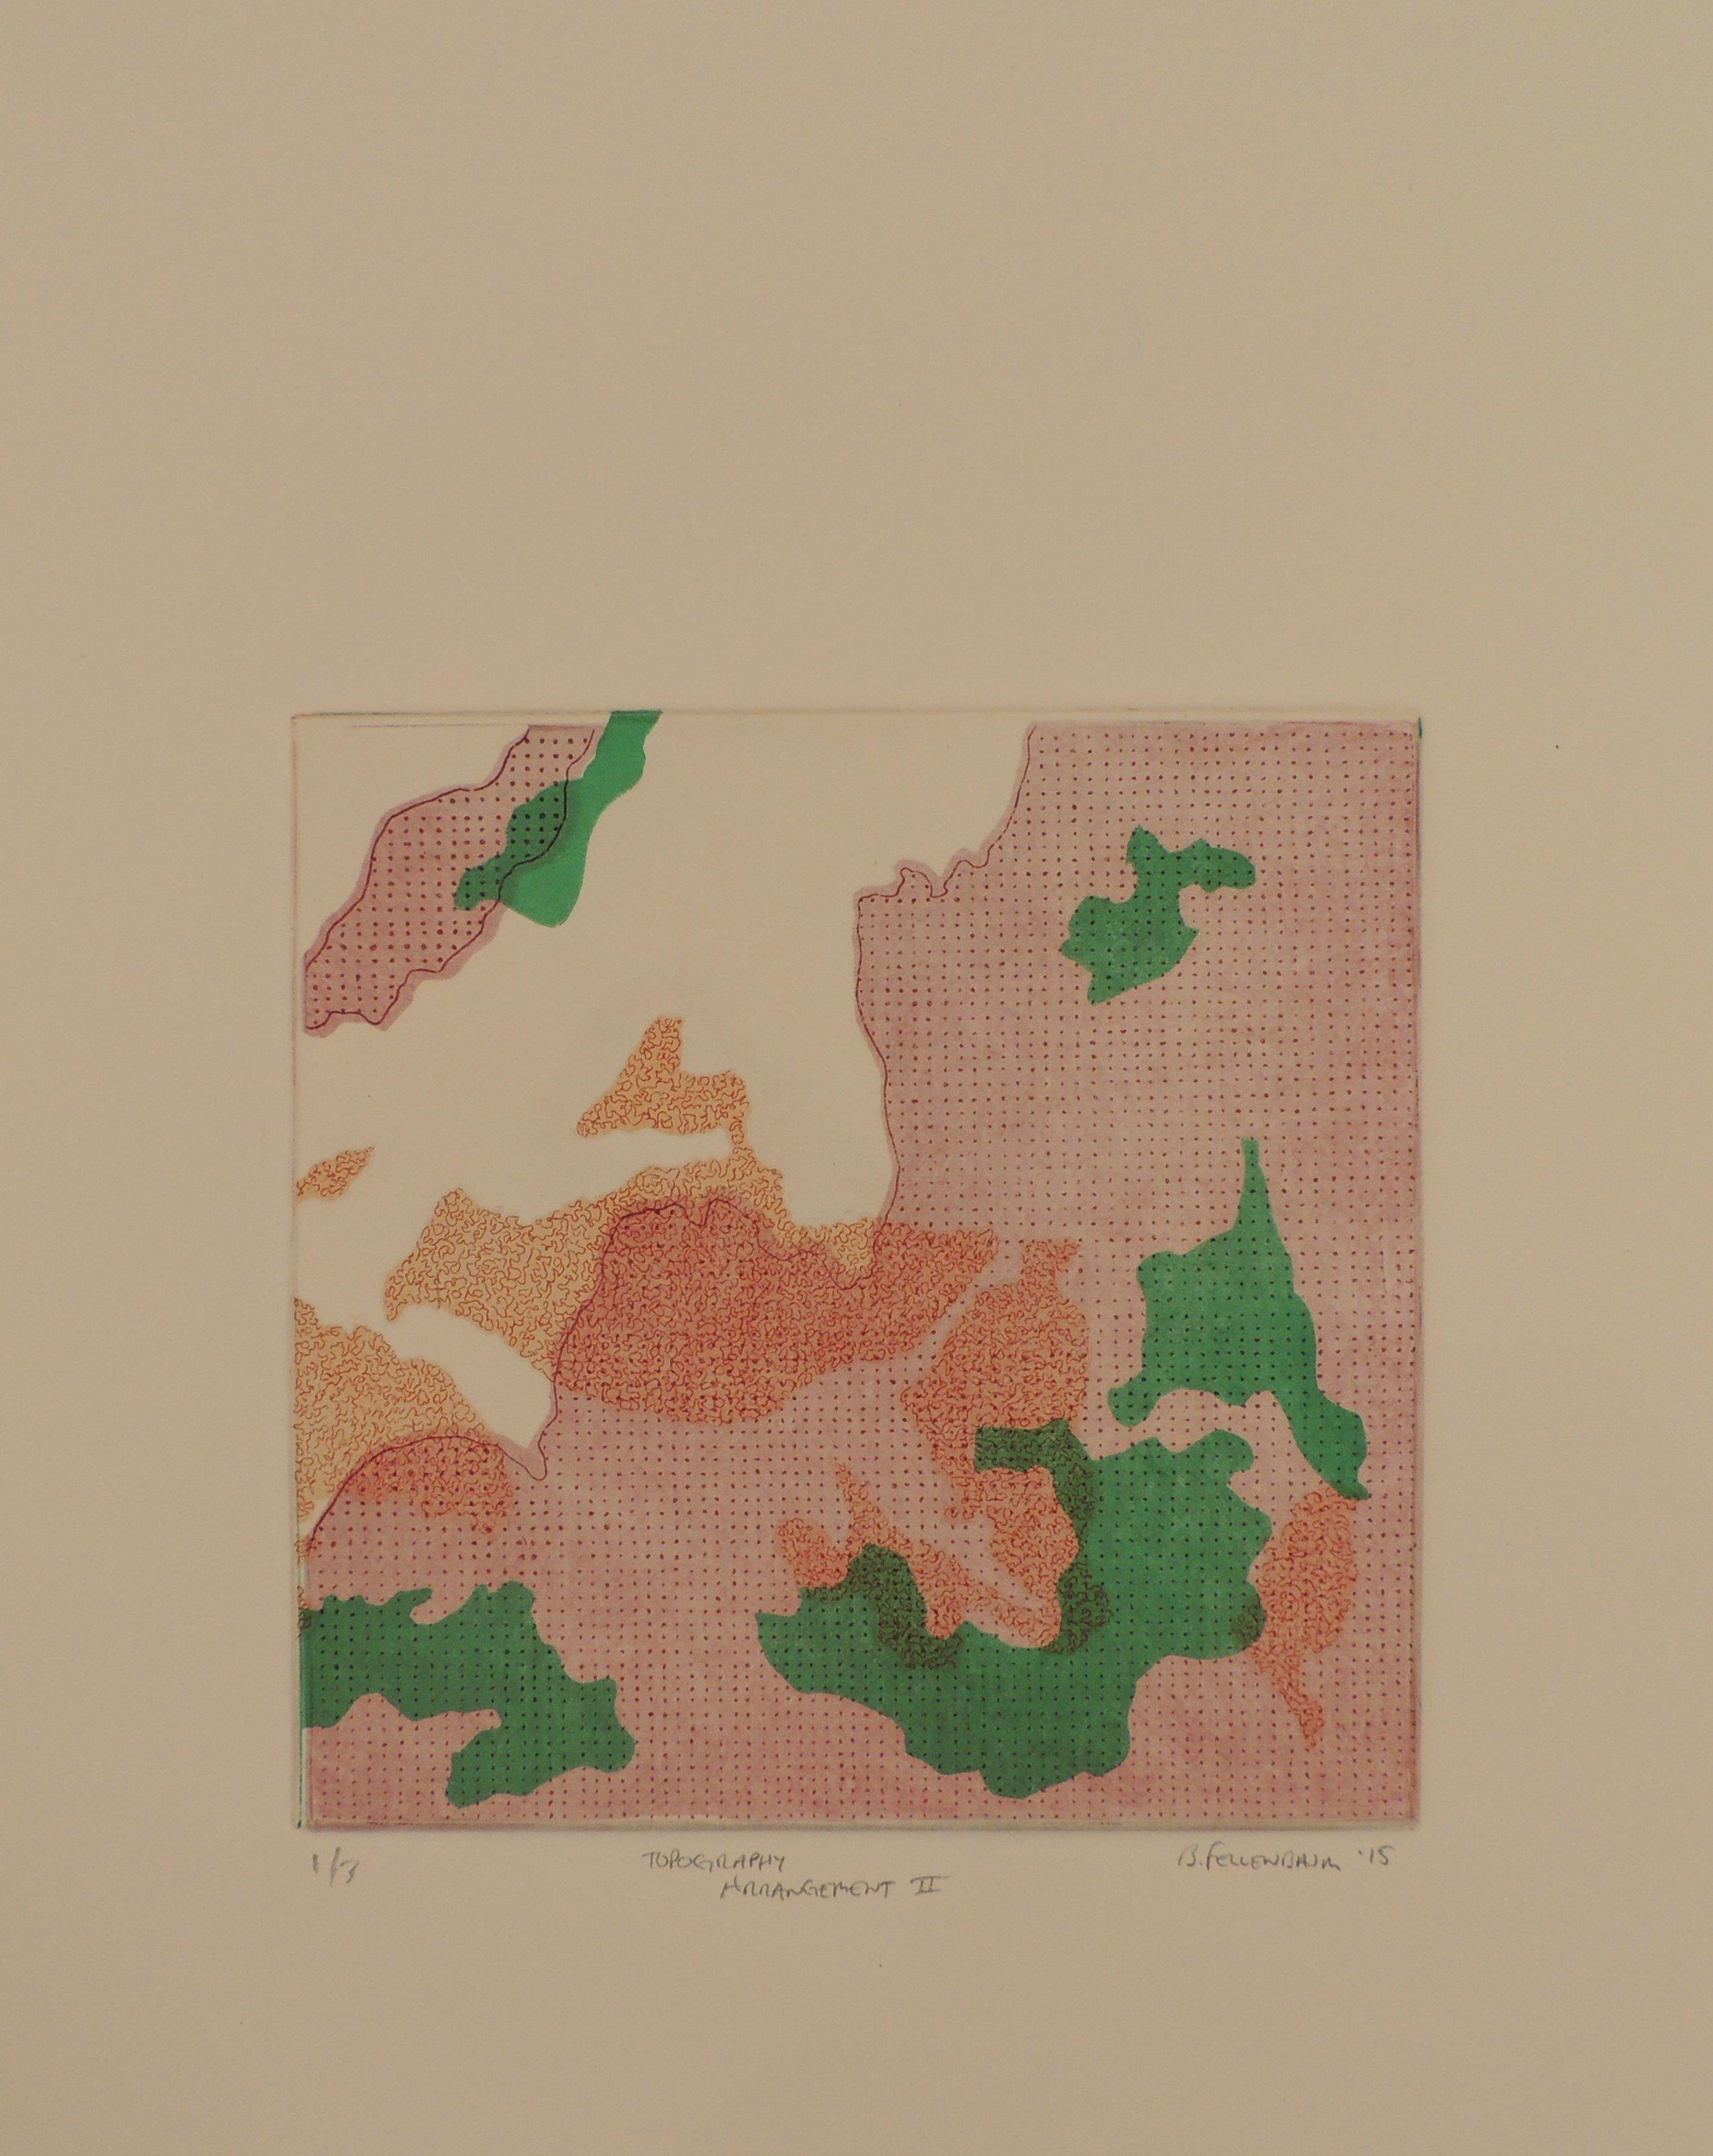 Topography Arrangement II